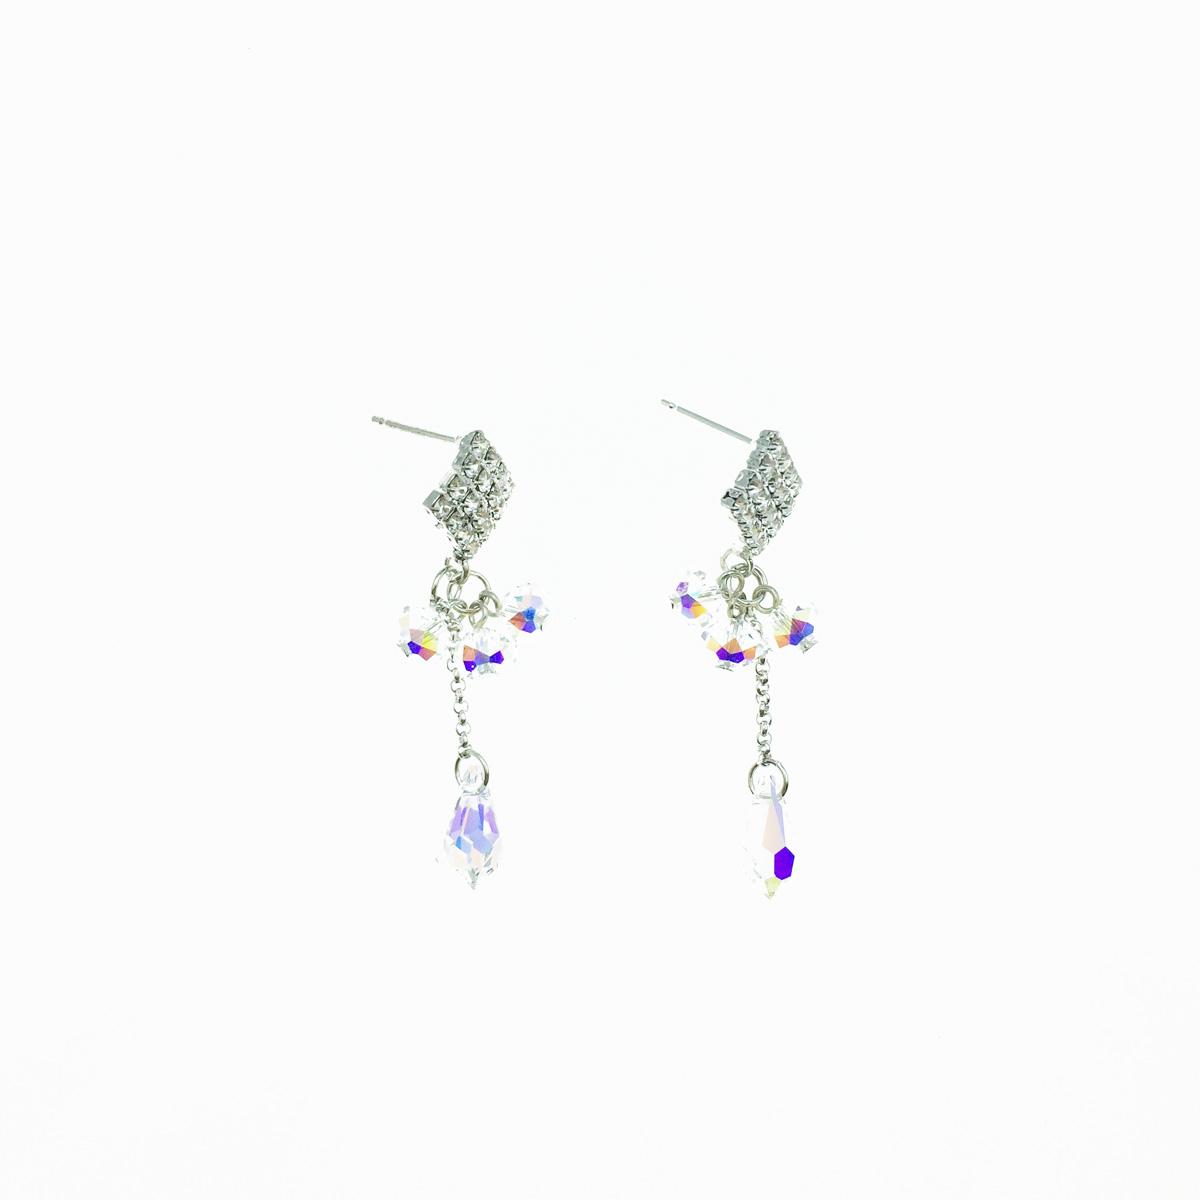 韓國 方形 稜形 水鑽 珠珠 圓珠 垂墜 耳針式 耳環 採用施華洛世奇水晶元素 Crystals from Swarovski